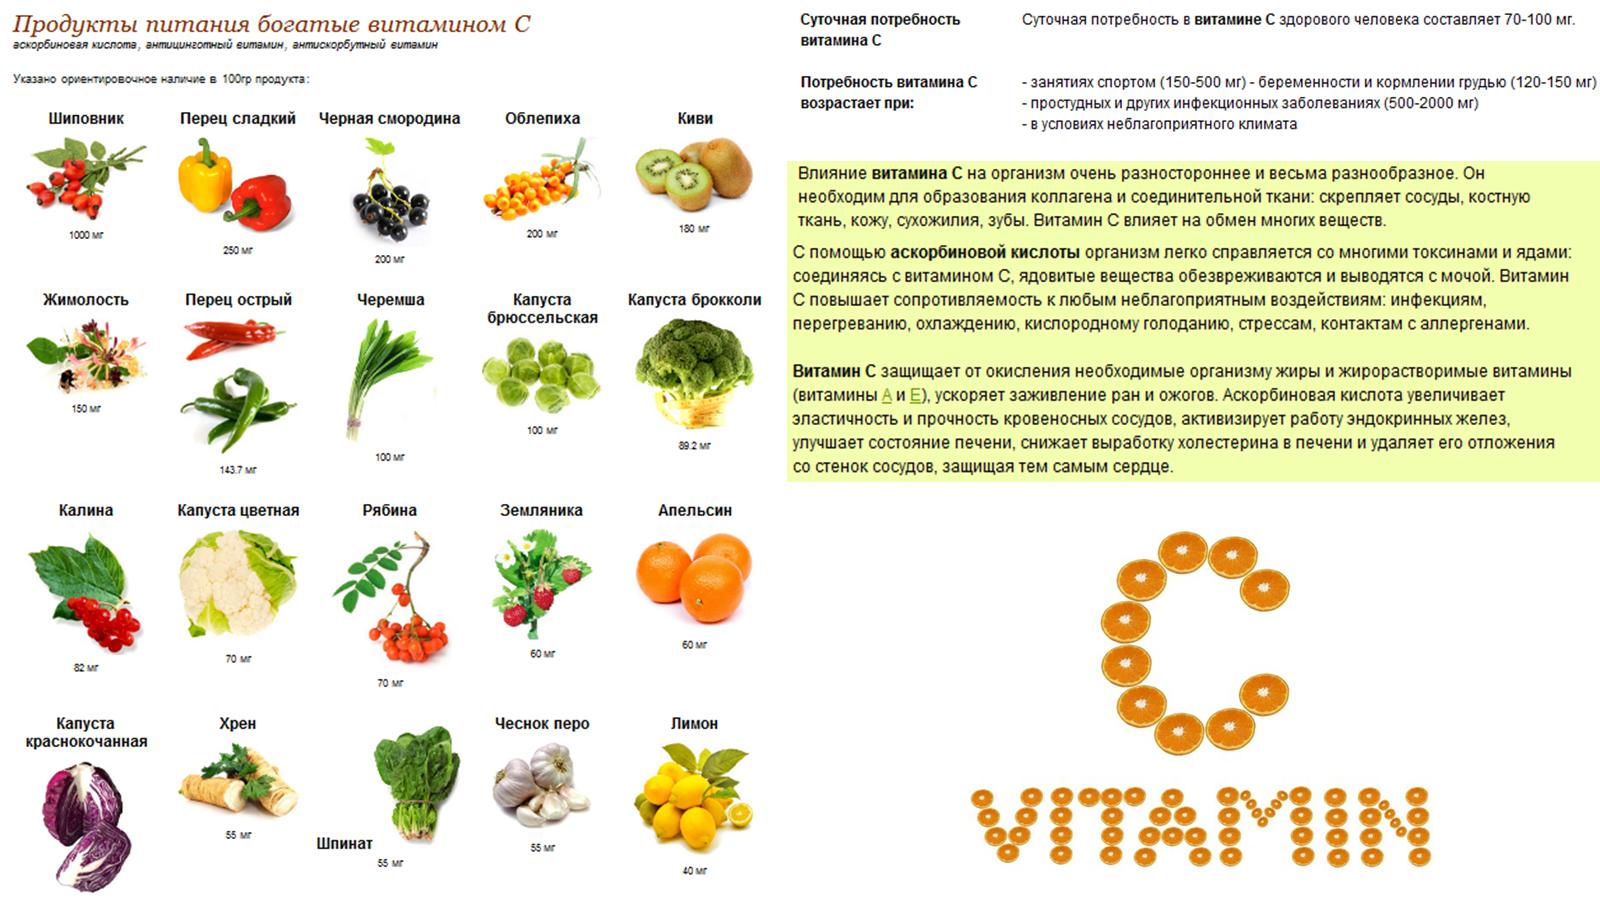 Ликопин - свойства и содержание в продуктах | методы лечения заболеваний